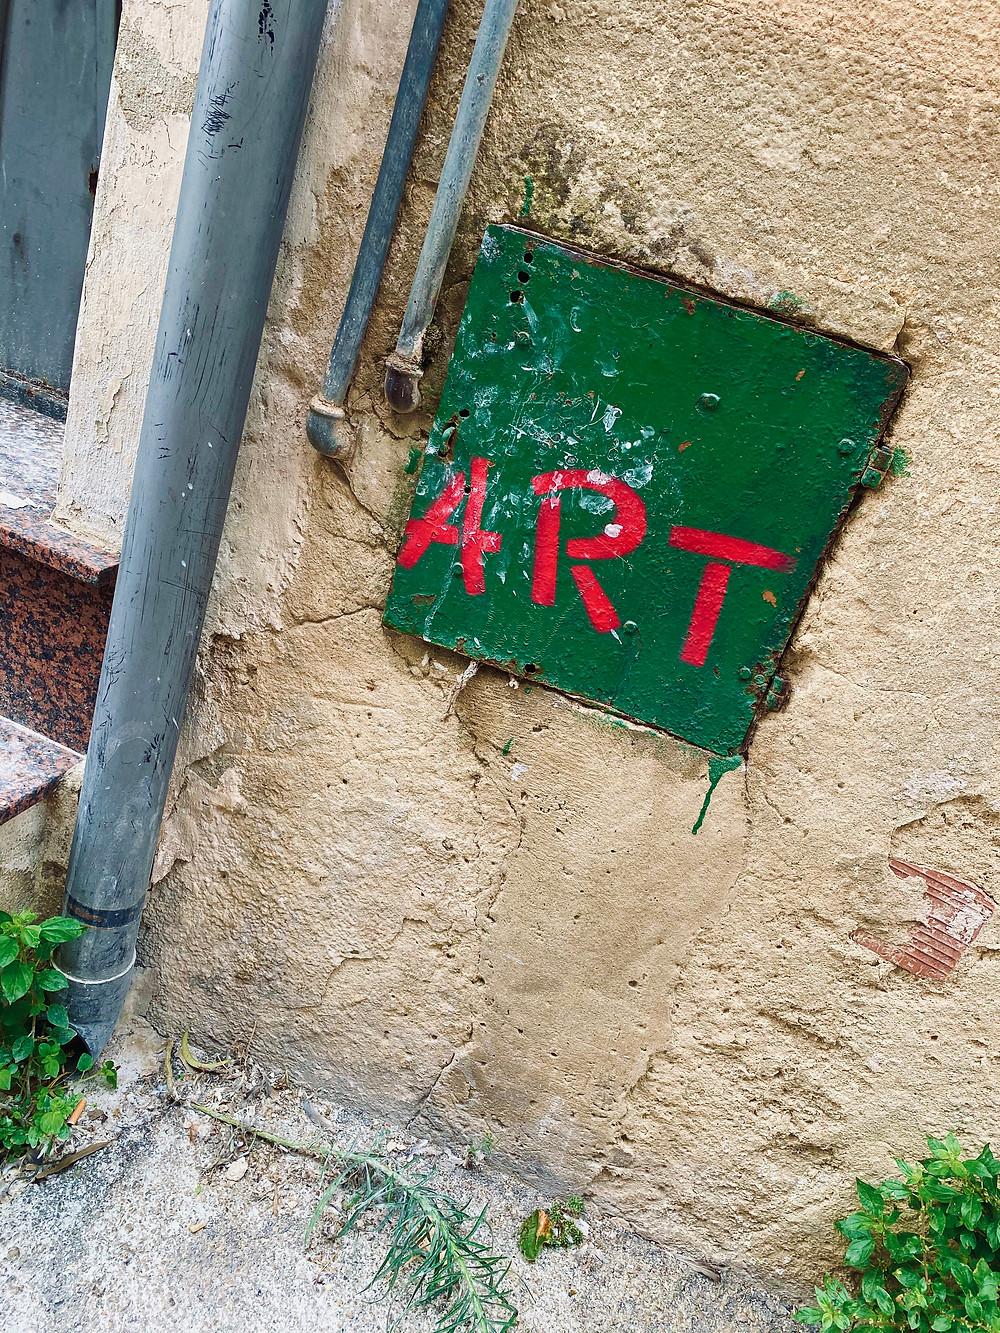 caltagirone-sicily-street-art-13